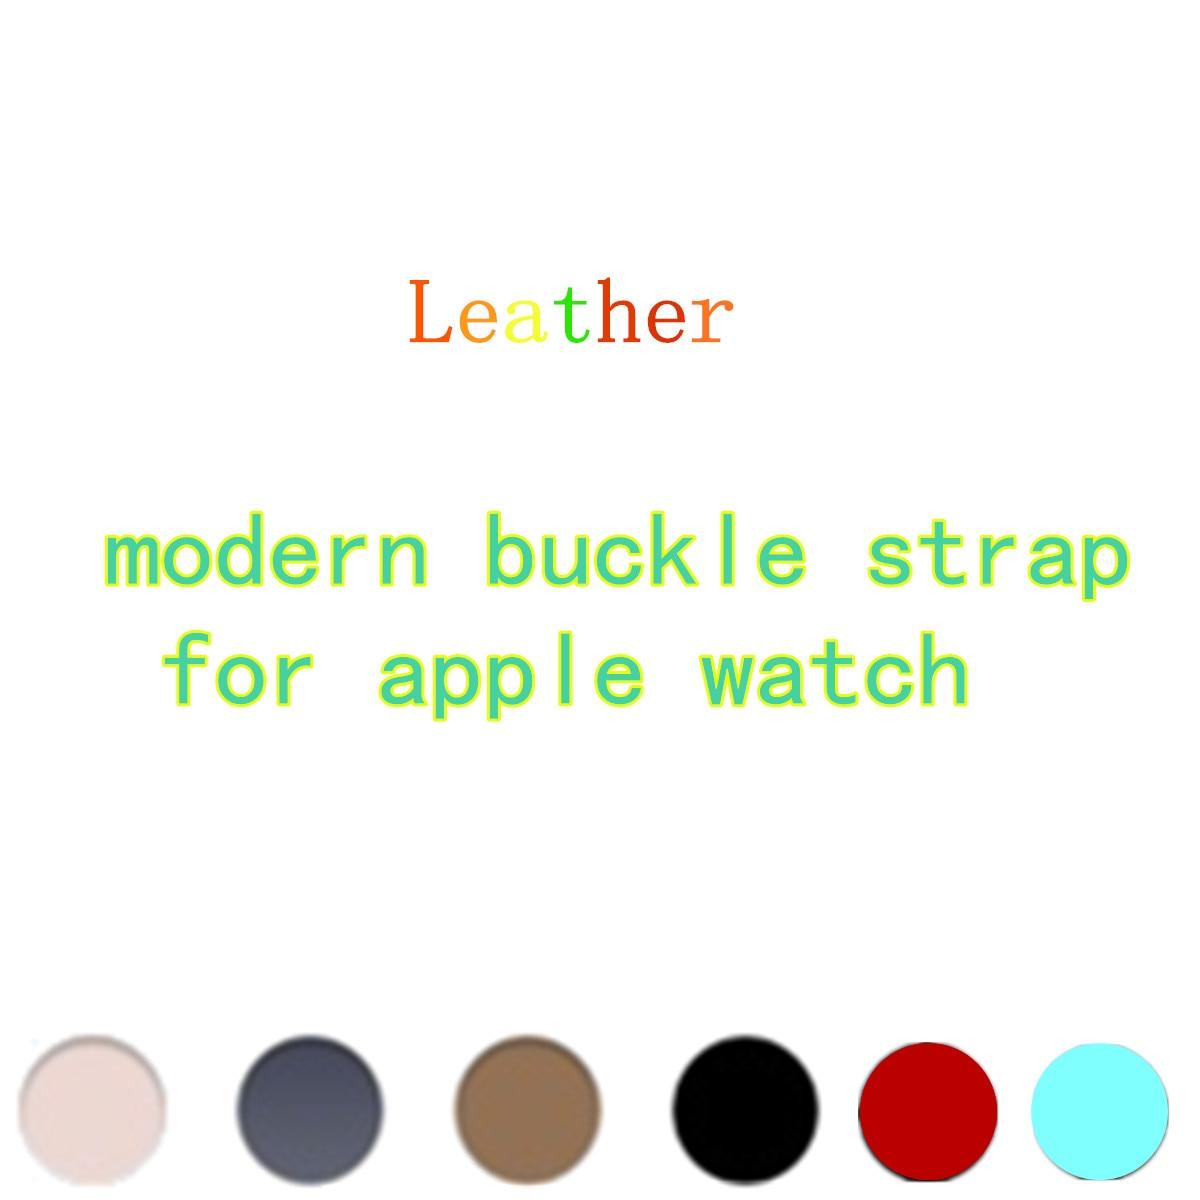 LNOP cuoio moderna buckle strap per apple watch band 42mm/38 braccialetto di vigilanza del Cuoio Genuino cinturino per iwatch 1 2 3